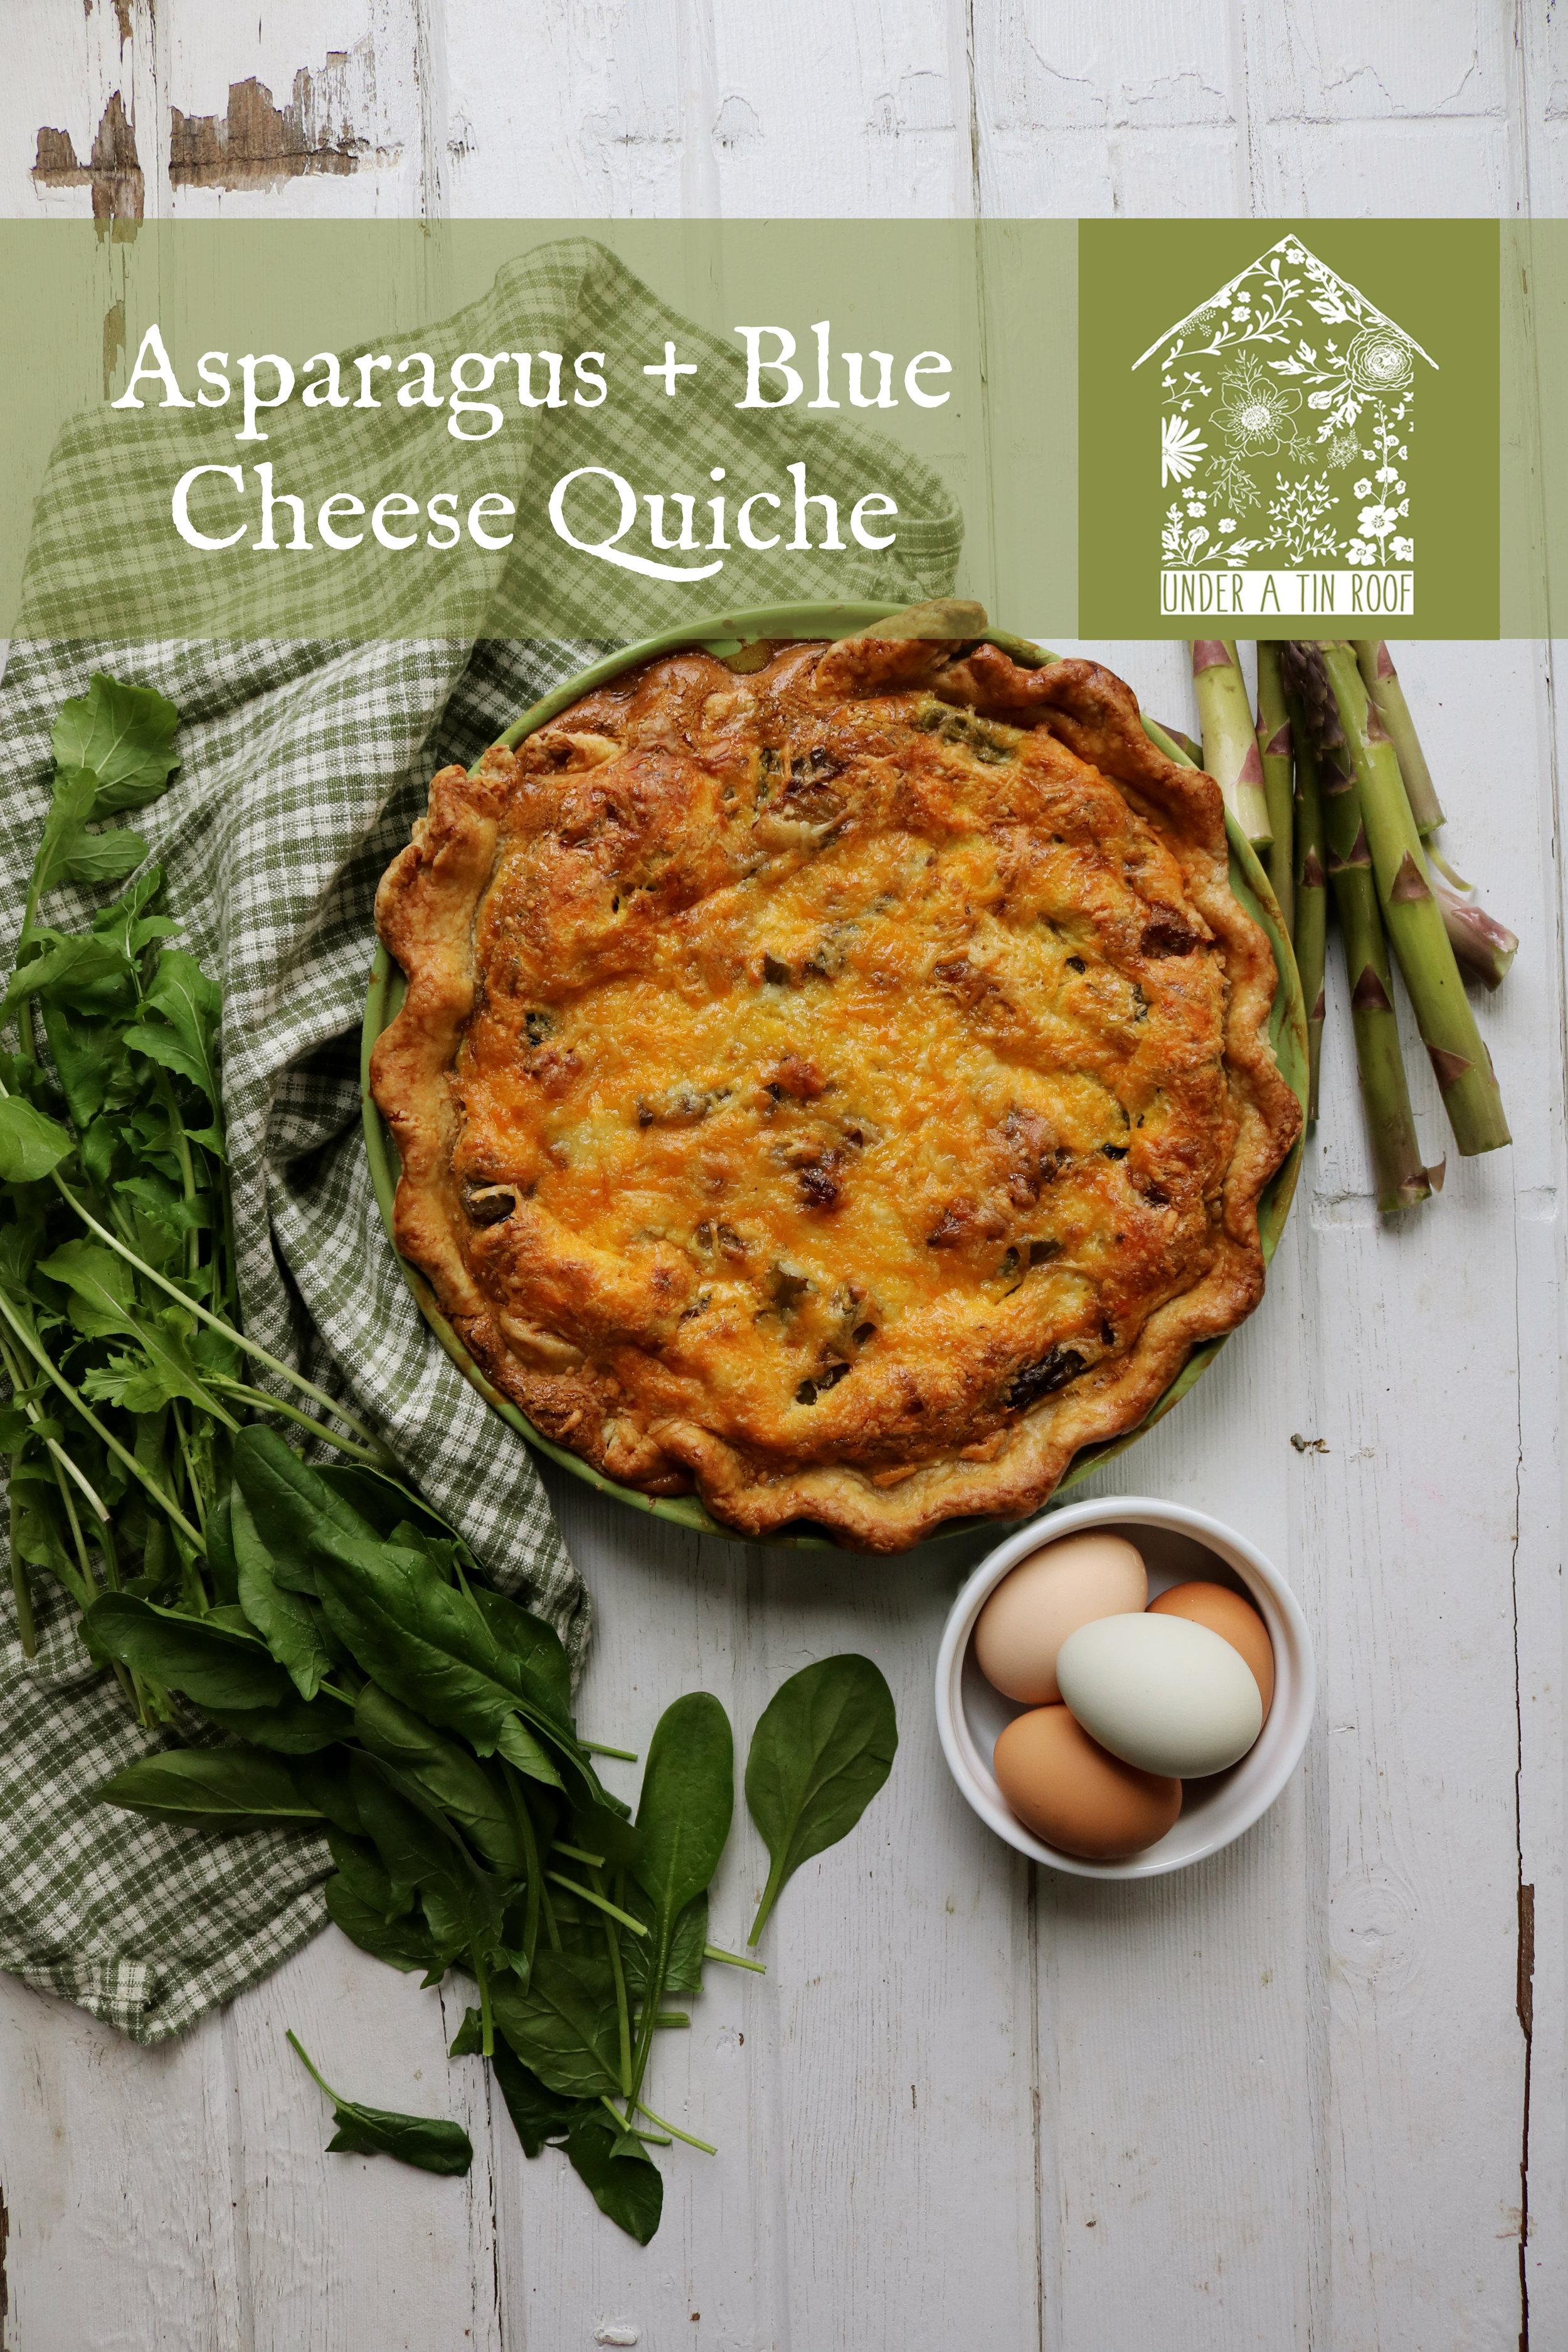 Asparagus & Blue Cheese Quiche - Under A Tin Roof Blog